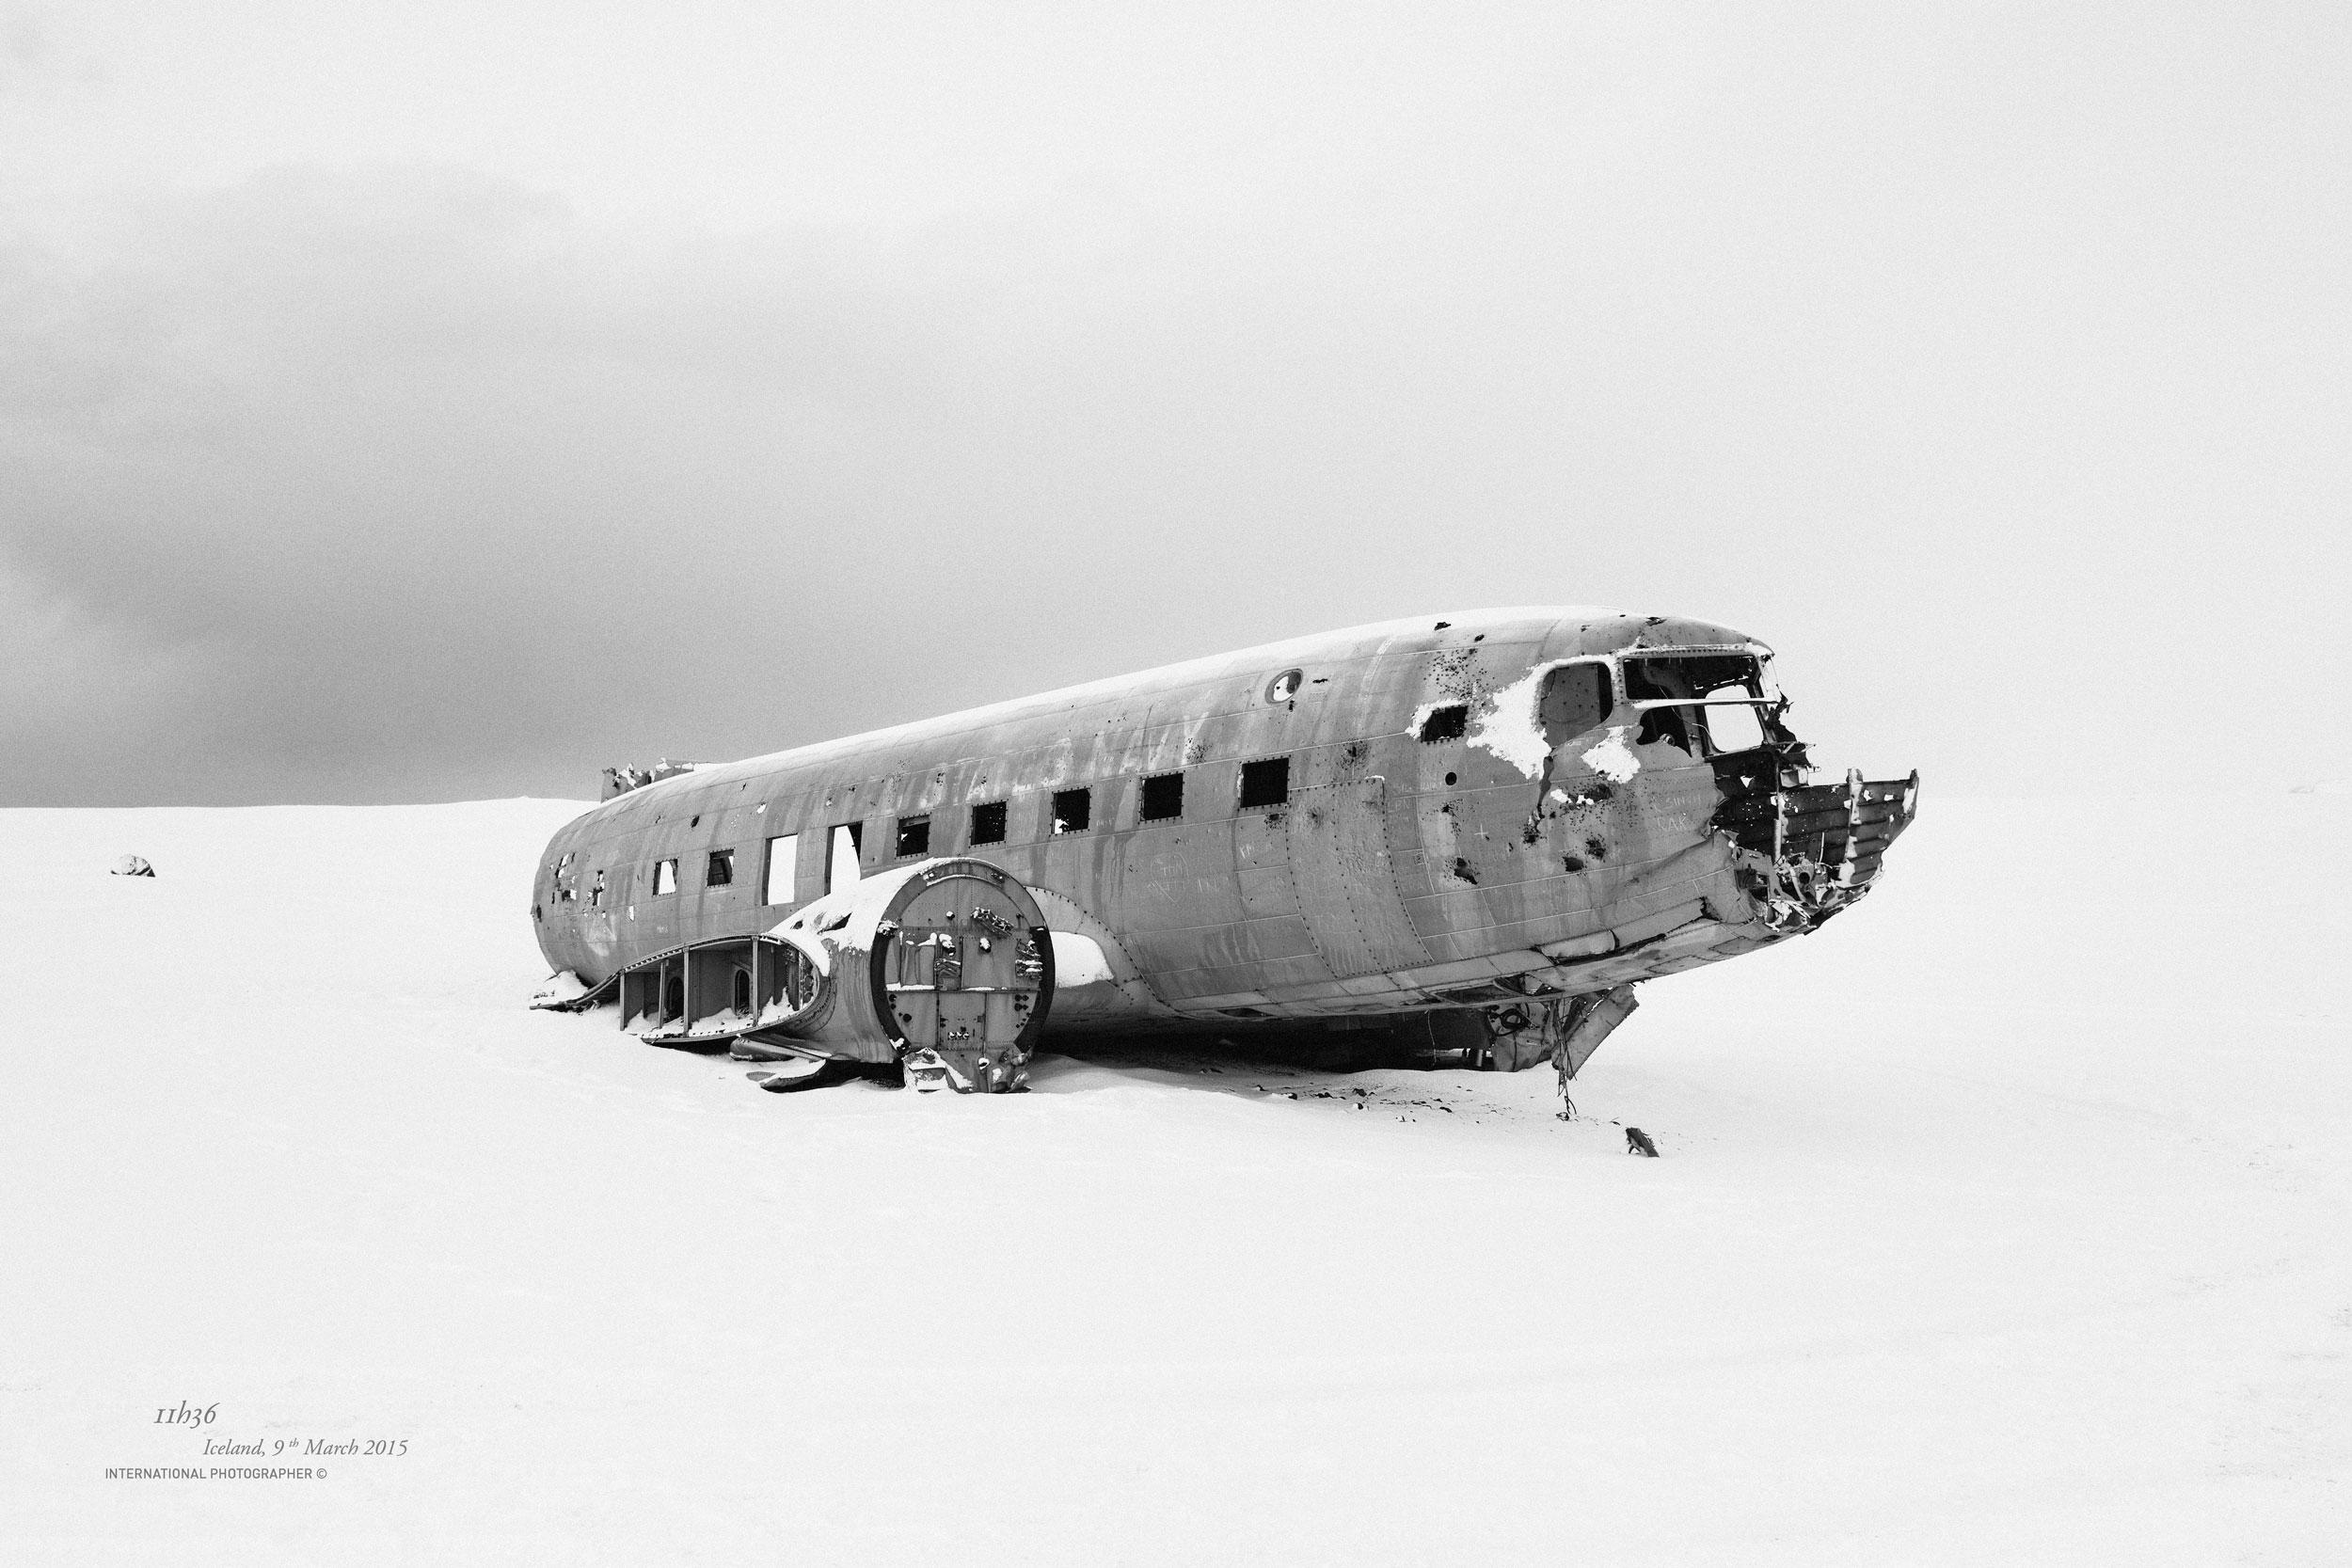 épave de l'avion DC3 sous la neige